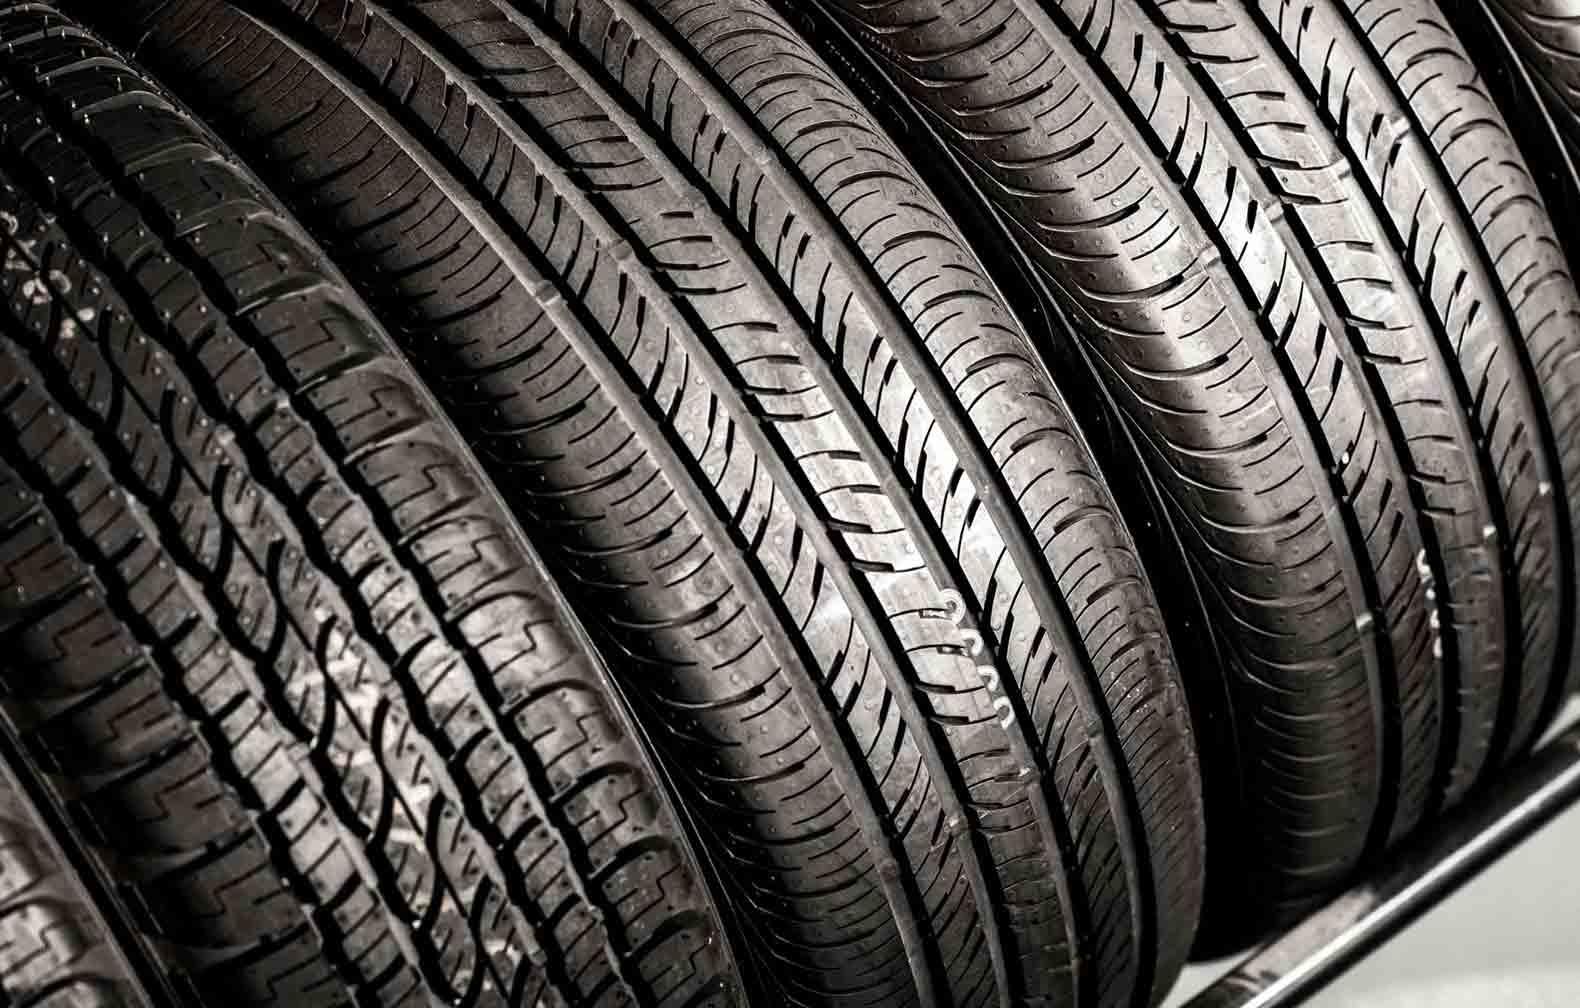 pneus em bom estado